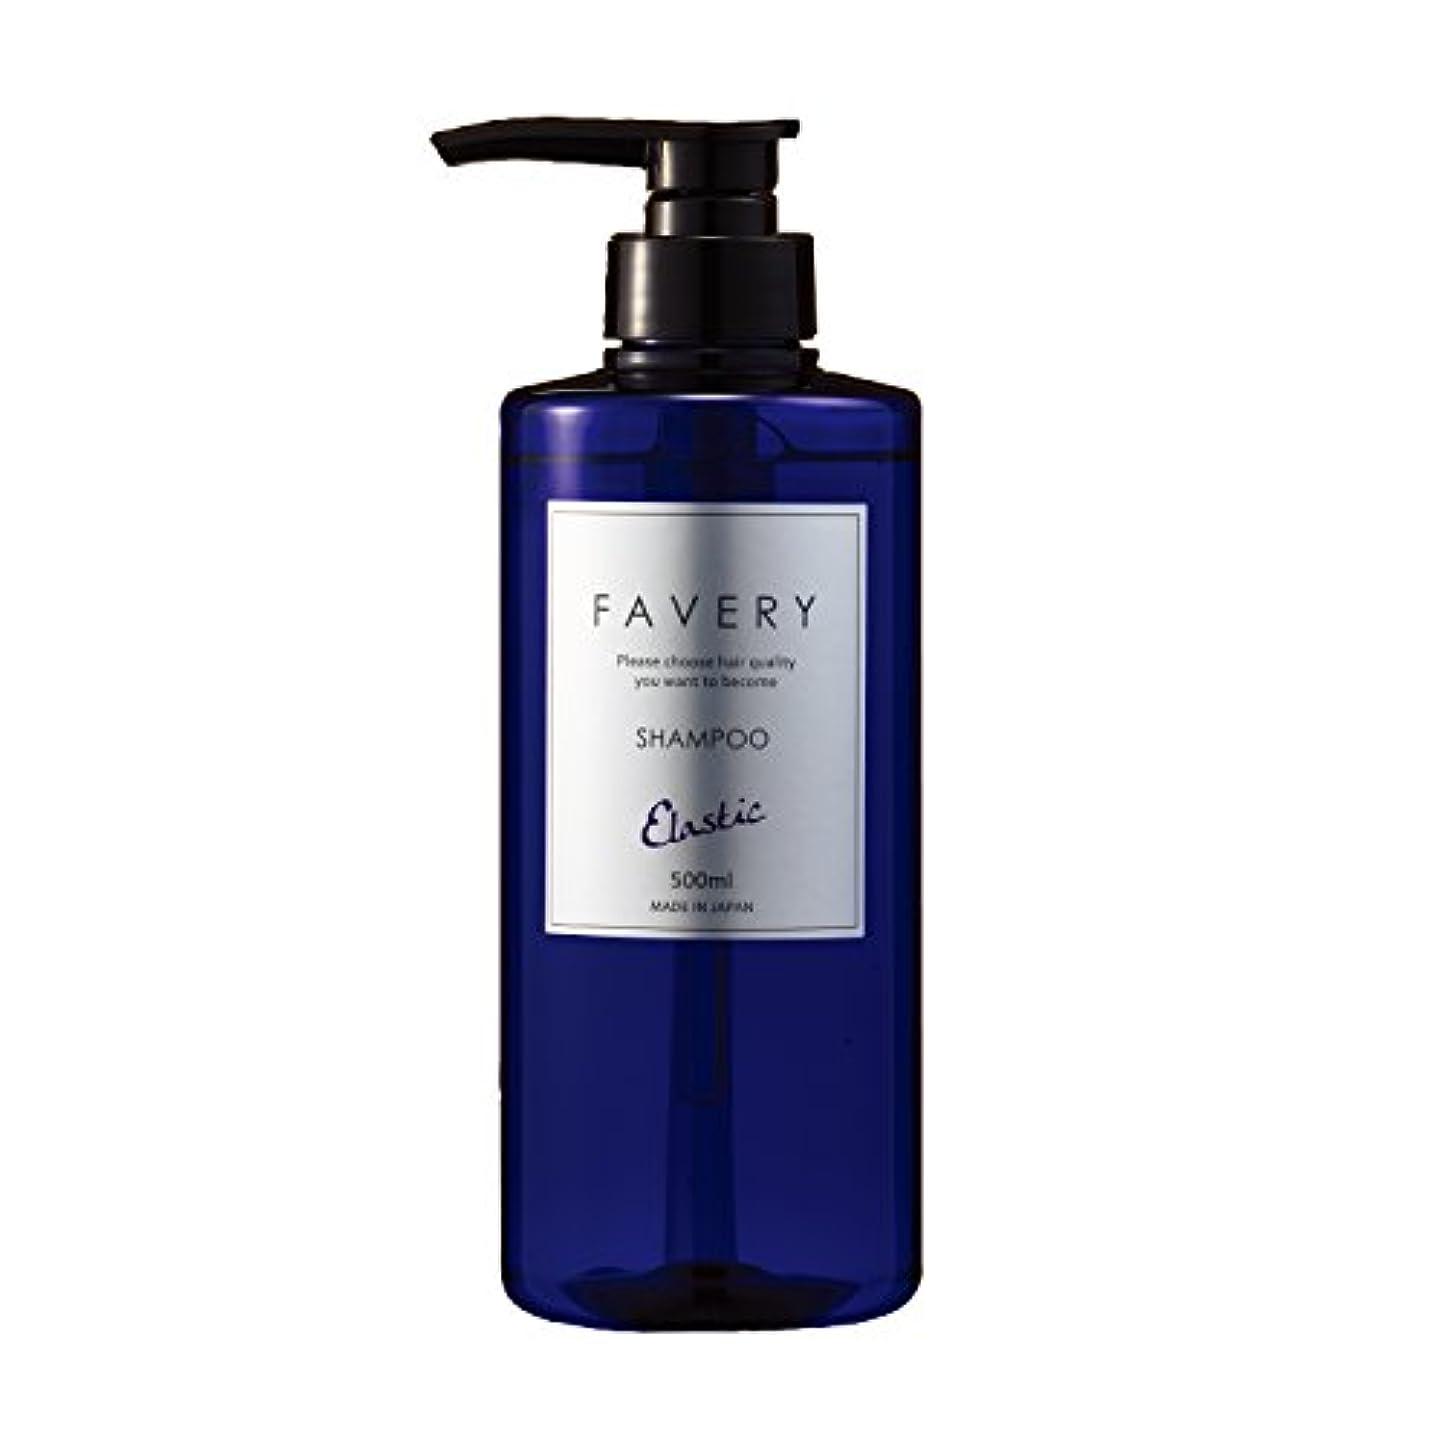 識別管理スラム髪質は選ぶ時代へ【FAVERY】 フェバリィ シャンプーC (Erastic/エラスティック) 500ml フルボ酸エキス使用